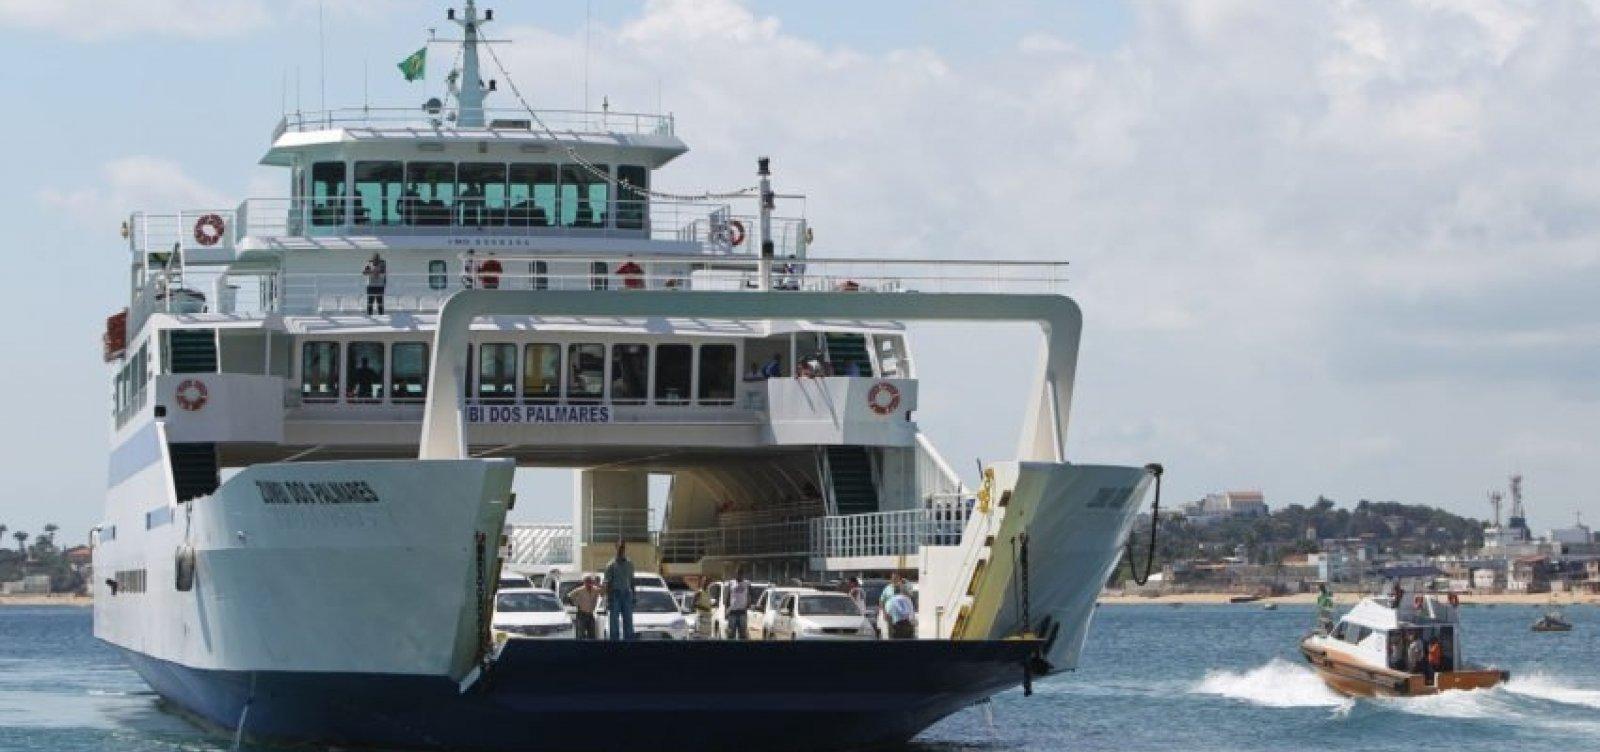 [Ferry-boat opera com fluxo tranquilo na tarde deste domingo]